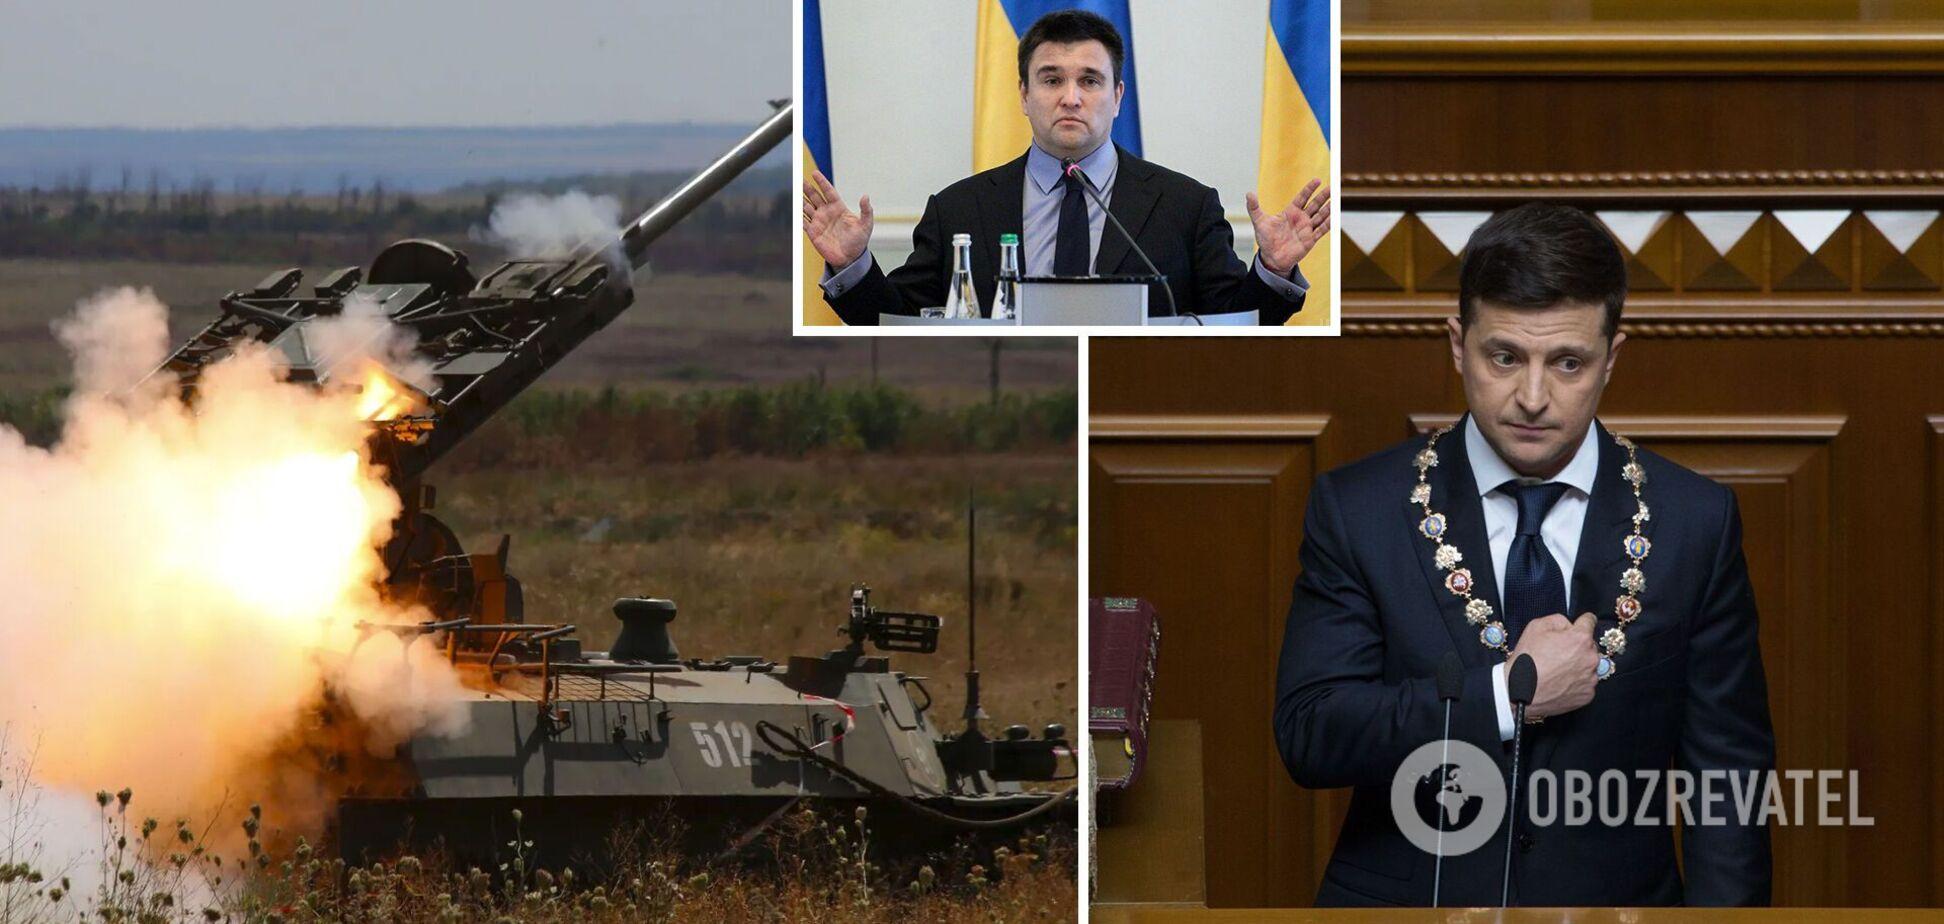 Клімкін: Путін влаштував Зеленському тест і збільшуватиме ціну припинення вогню на Донбасі